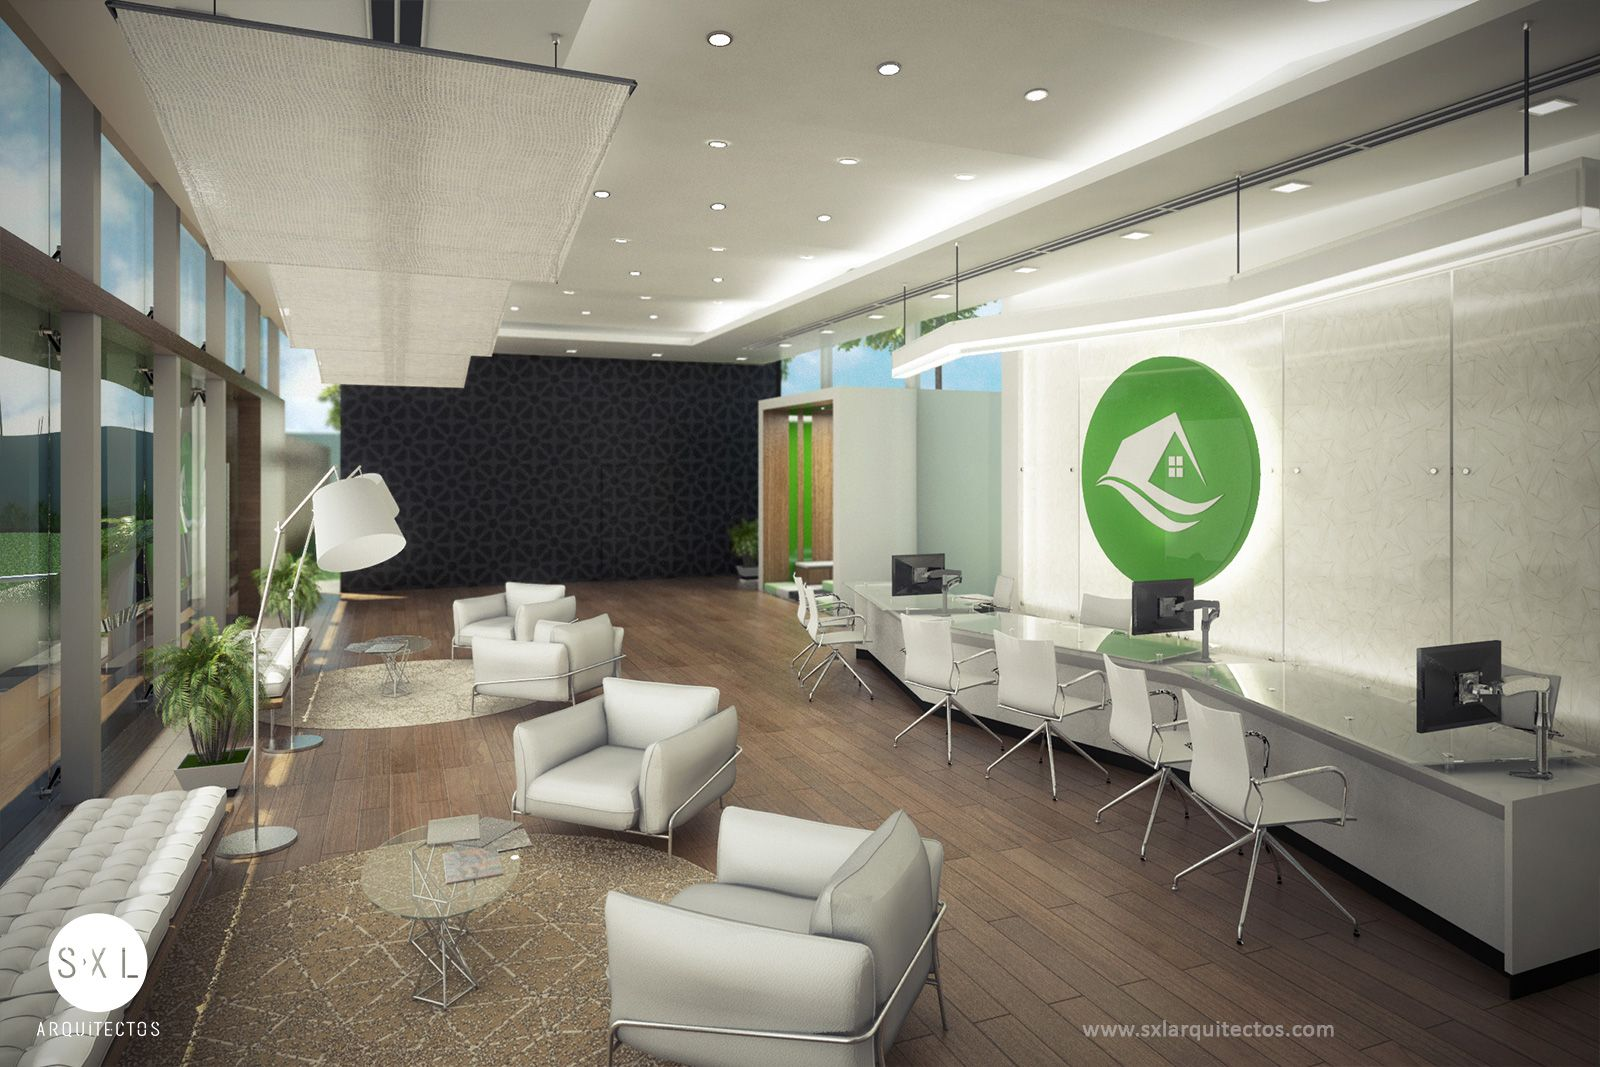 Diseño Interior De Sala De Ventas Diseño De Sxl Arquitectos Fachadas De Oficinas Arquitectura Estudio De Arquitectura